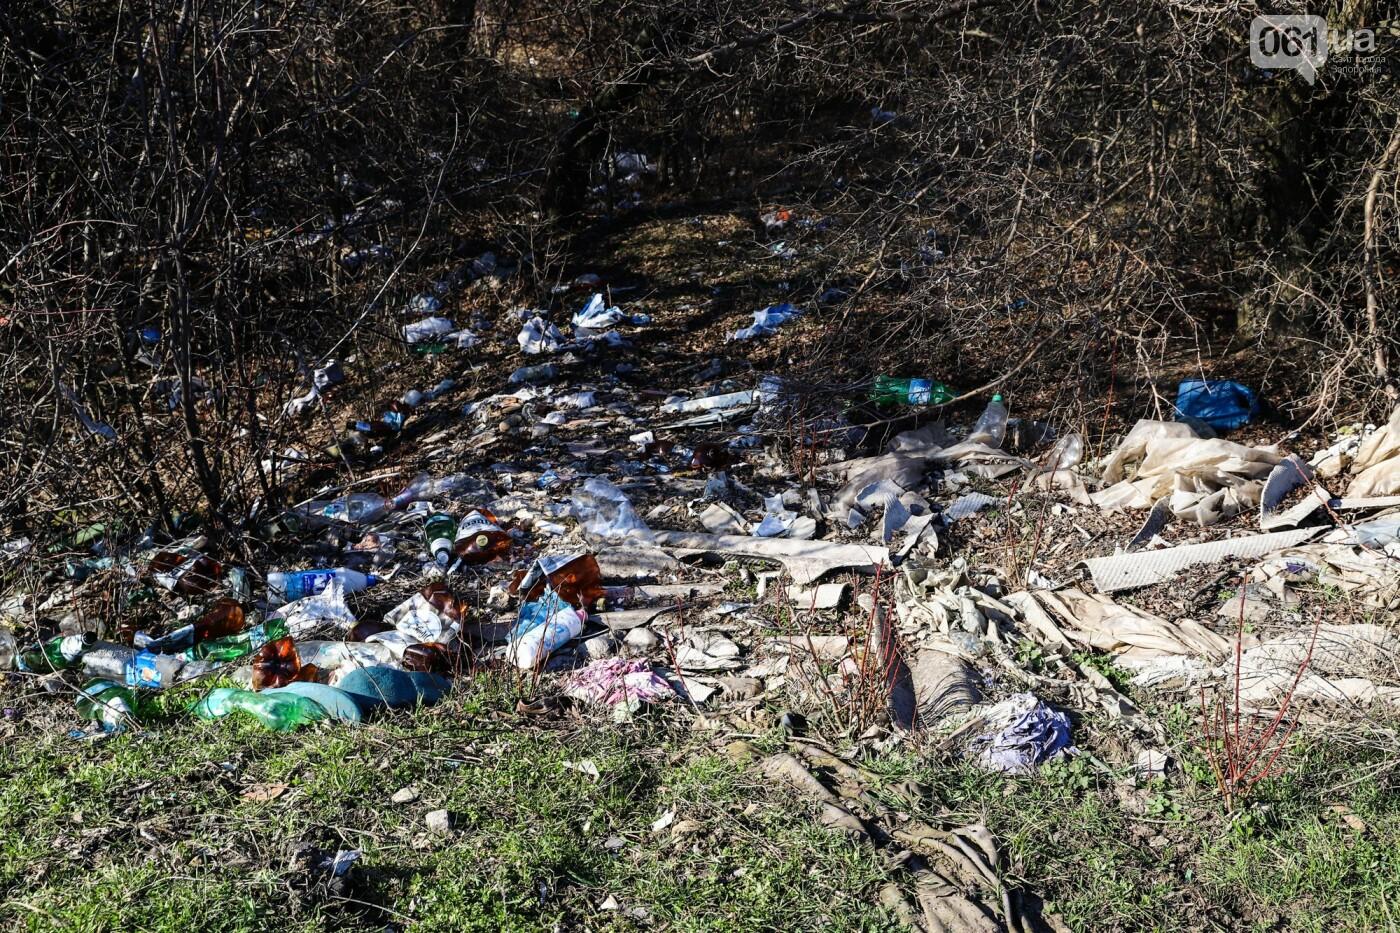 Цветущие крокусы и горы мусора: как сейчас выглядит балка Партизанская в Запорожье, - ФОТО, фото-17